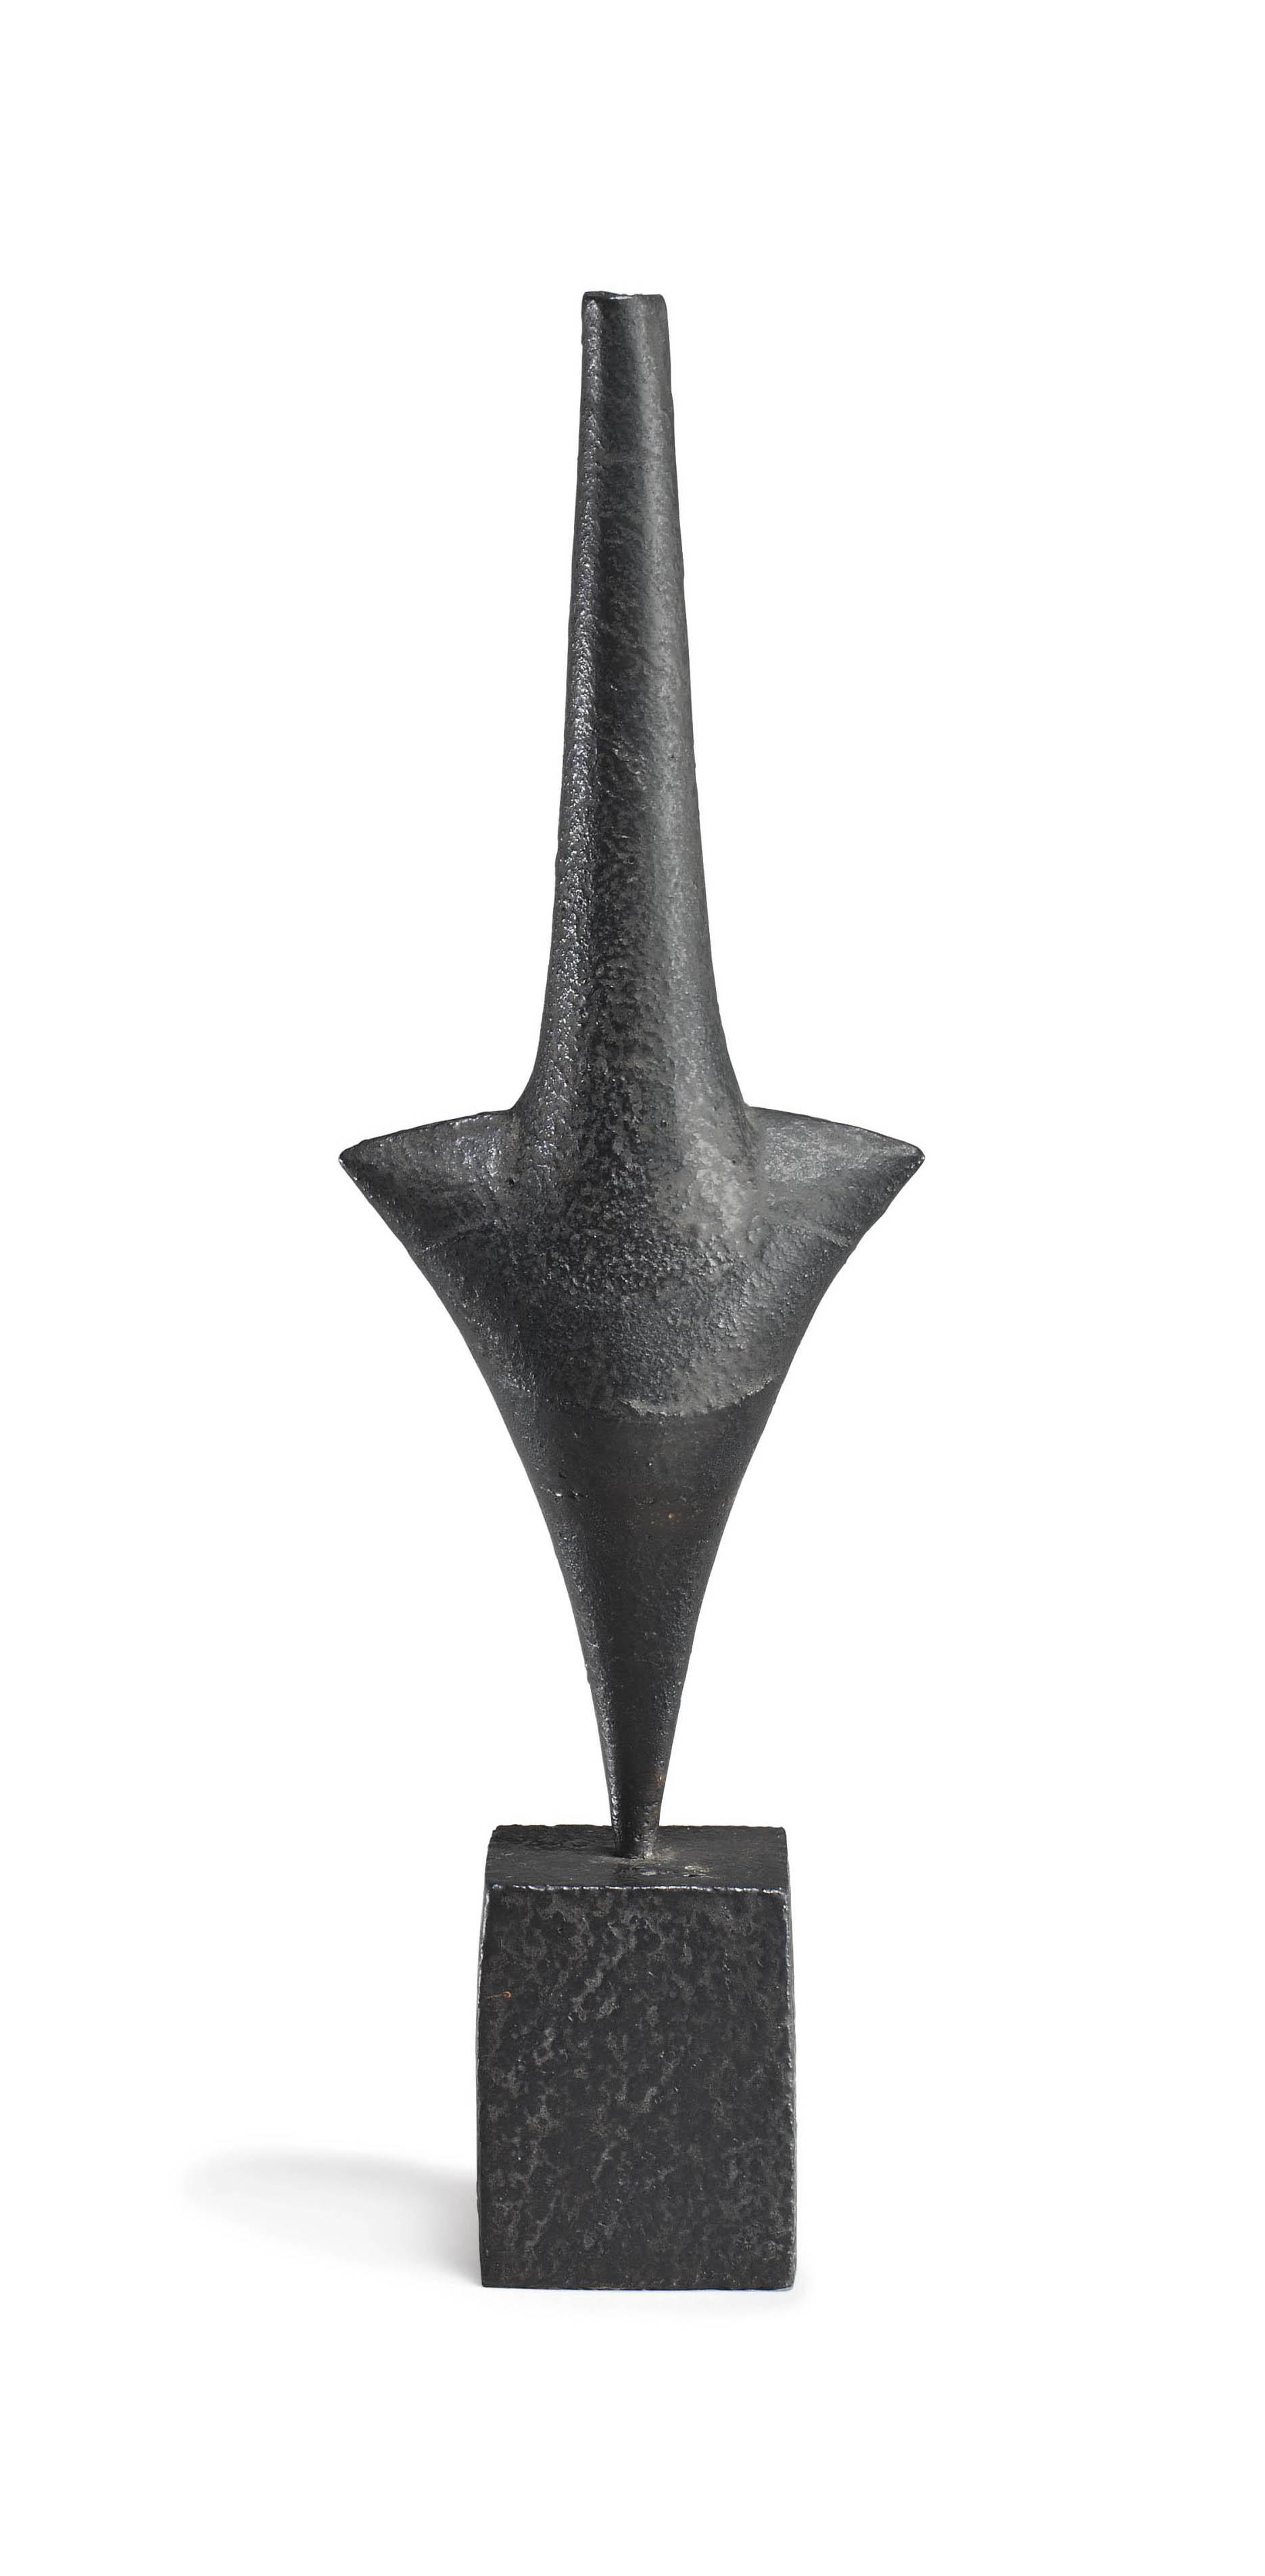 HANS COPER (1920-1981)